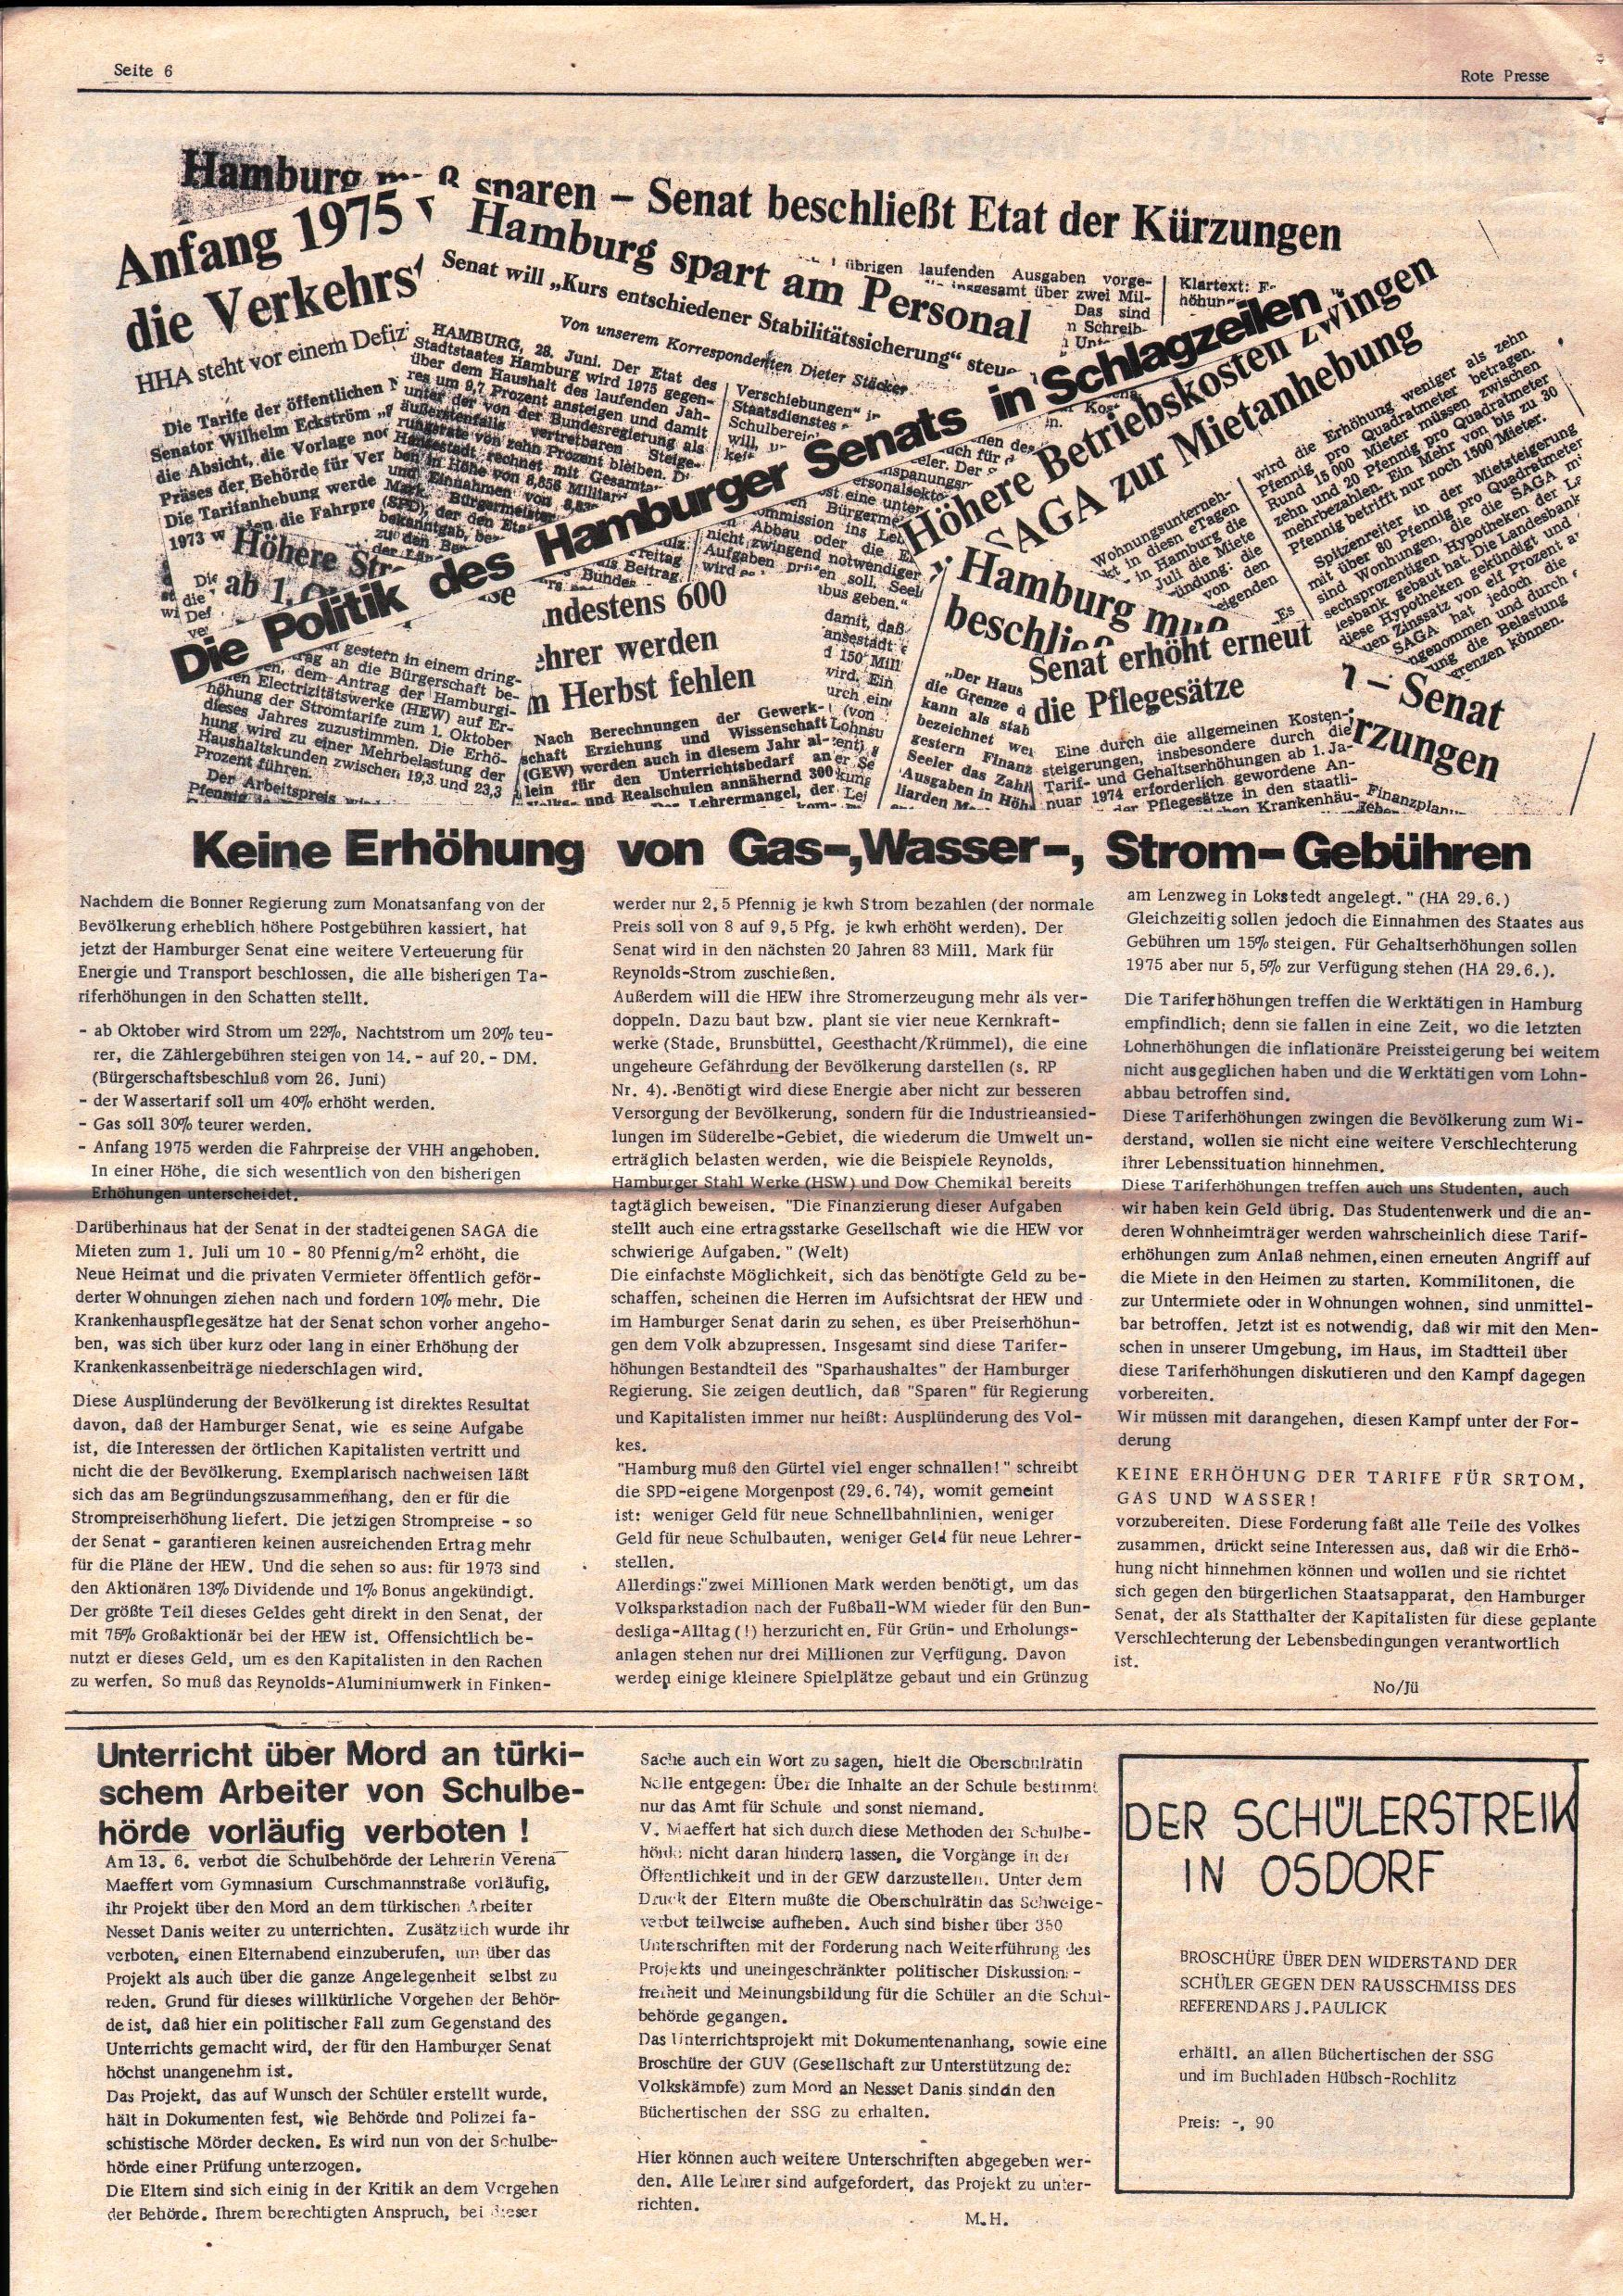 Hamburg_Rote_Presse424